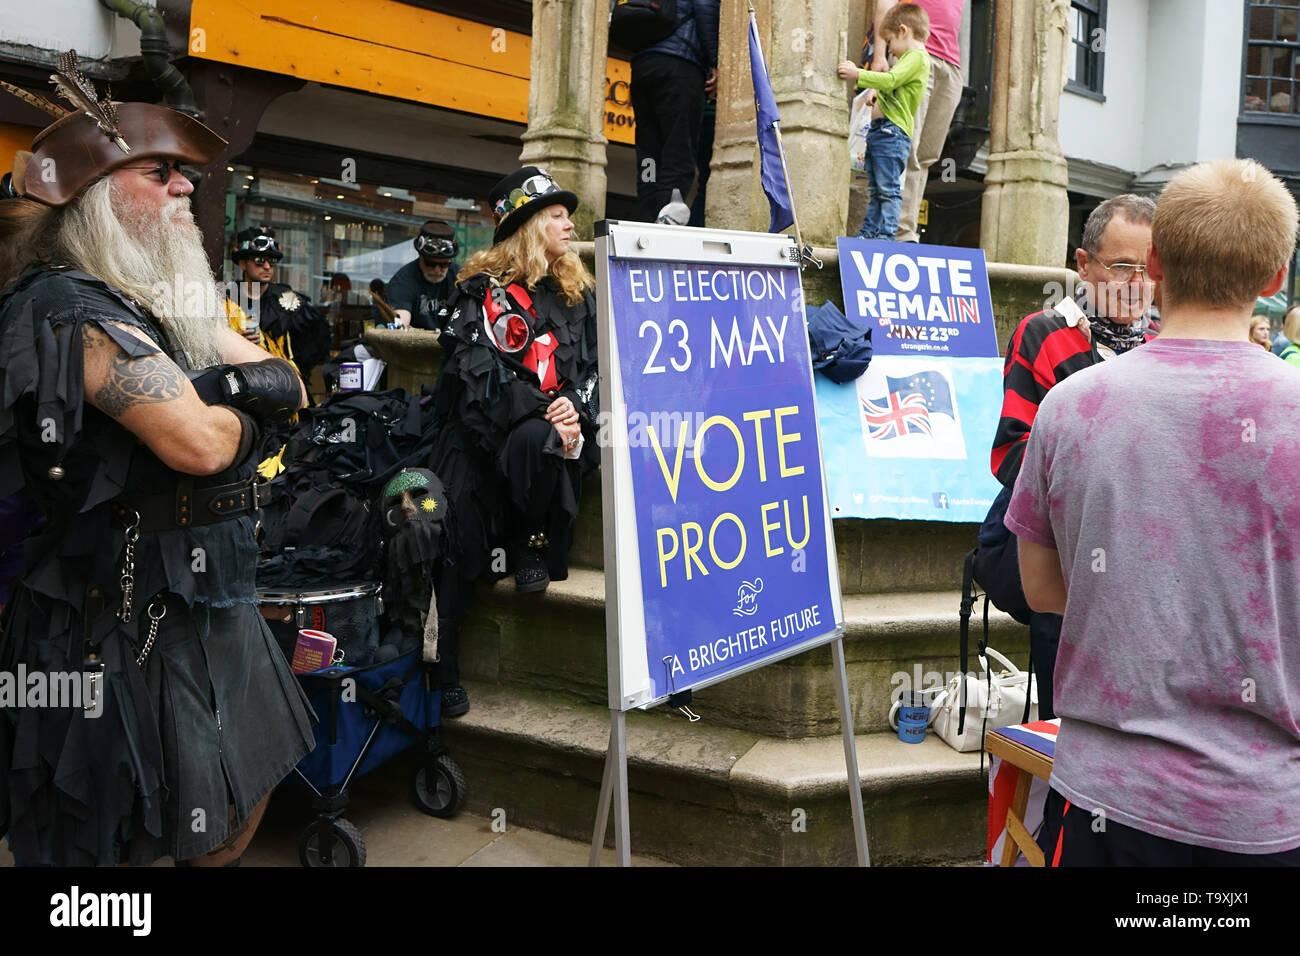 Winchester, Royaume-Uni. UE Le Parlement vote le jour de l'élection 23 mai 2019 - bénévoles distribuer des tracts dans le centre-ville de Winchester au cours du MAYFEST - 18 mai 2019 Photo Stock